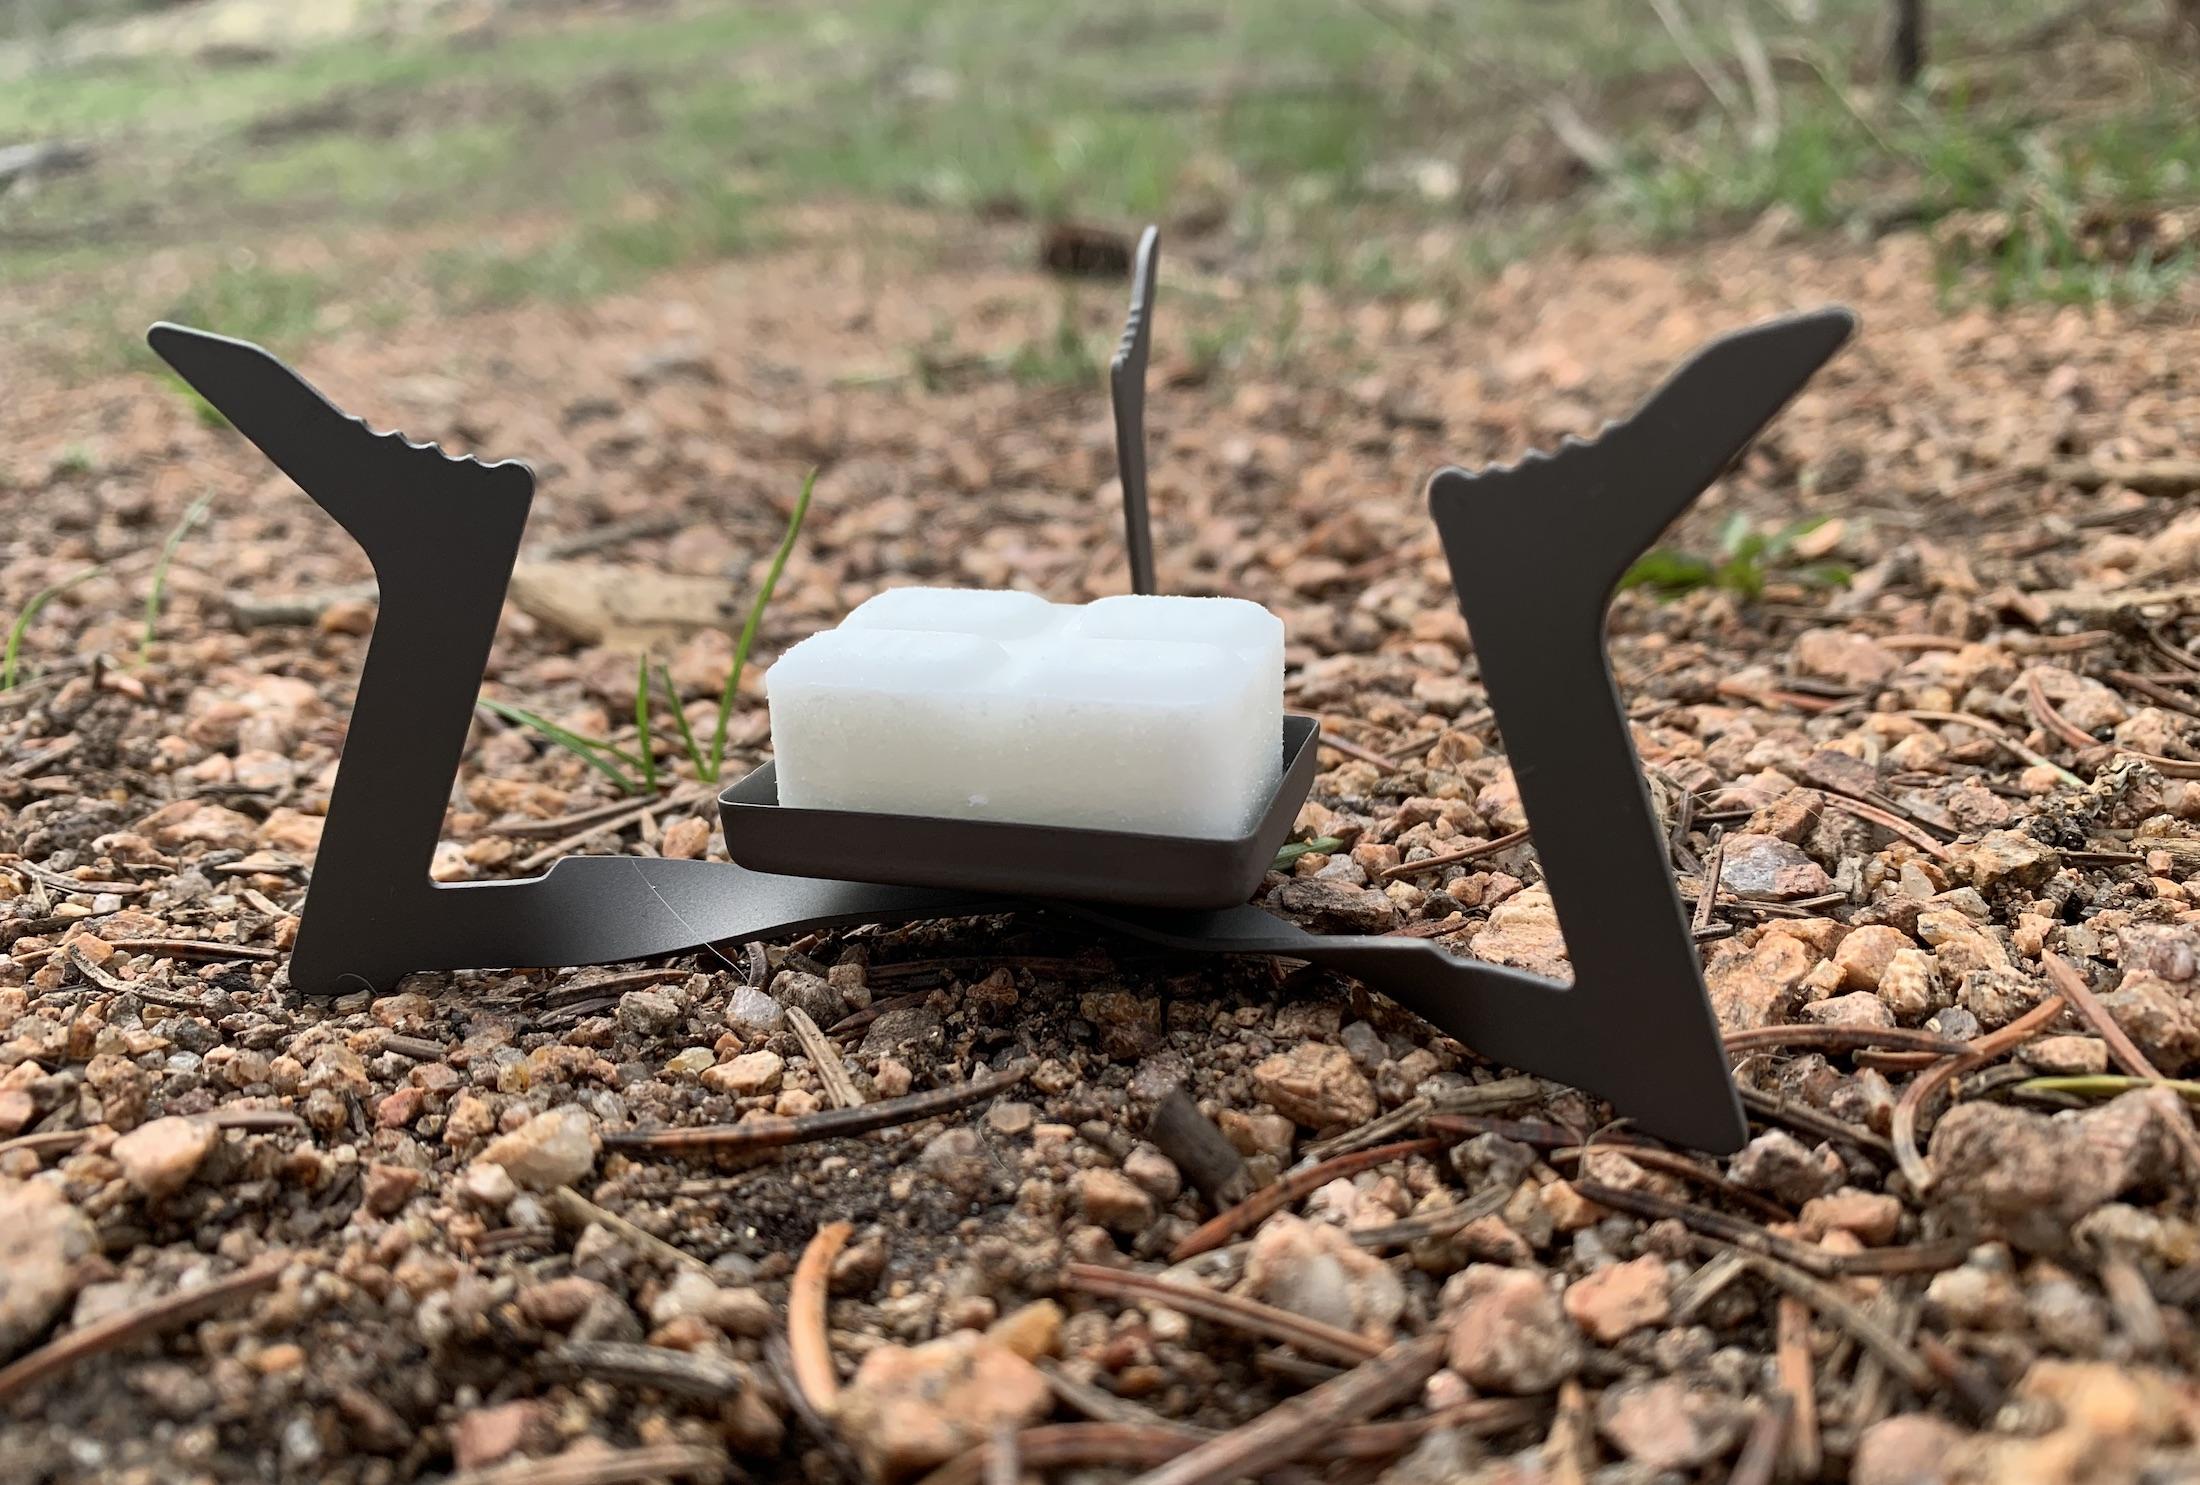 esbit titanium stove with solid fuel cube